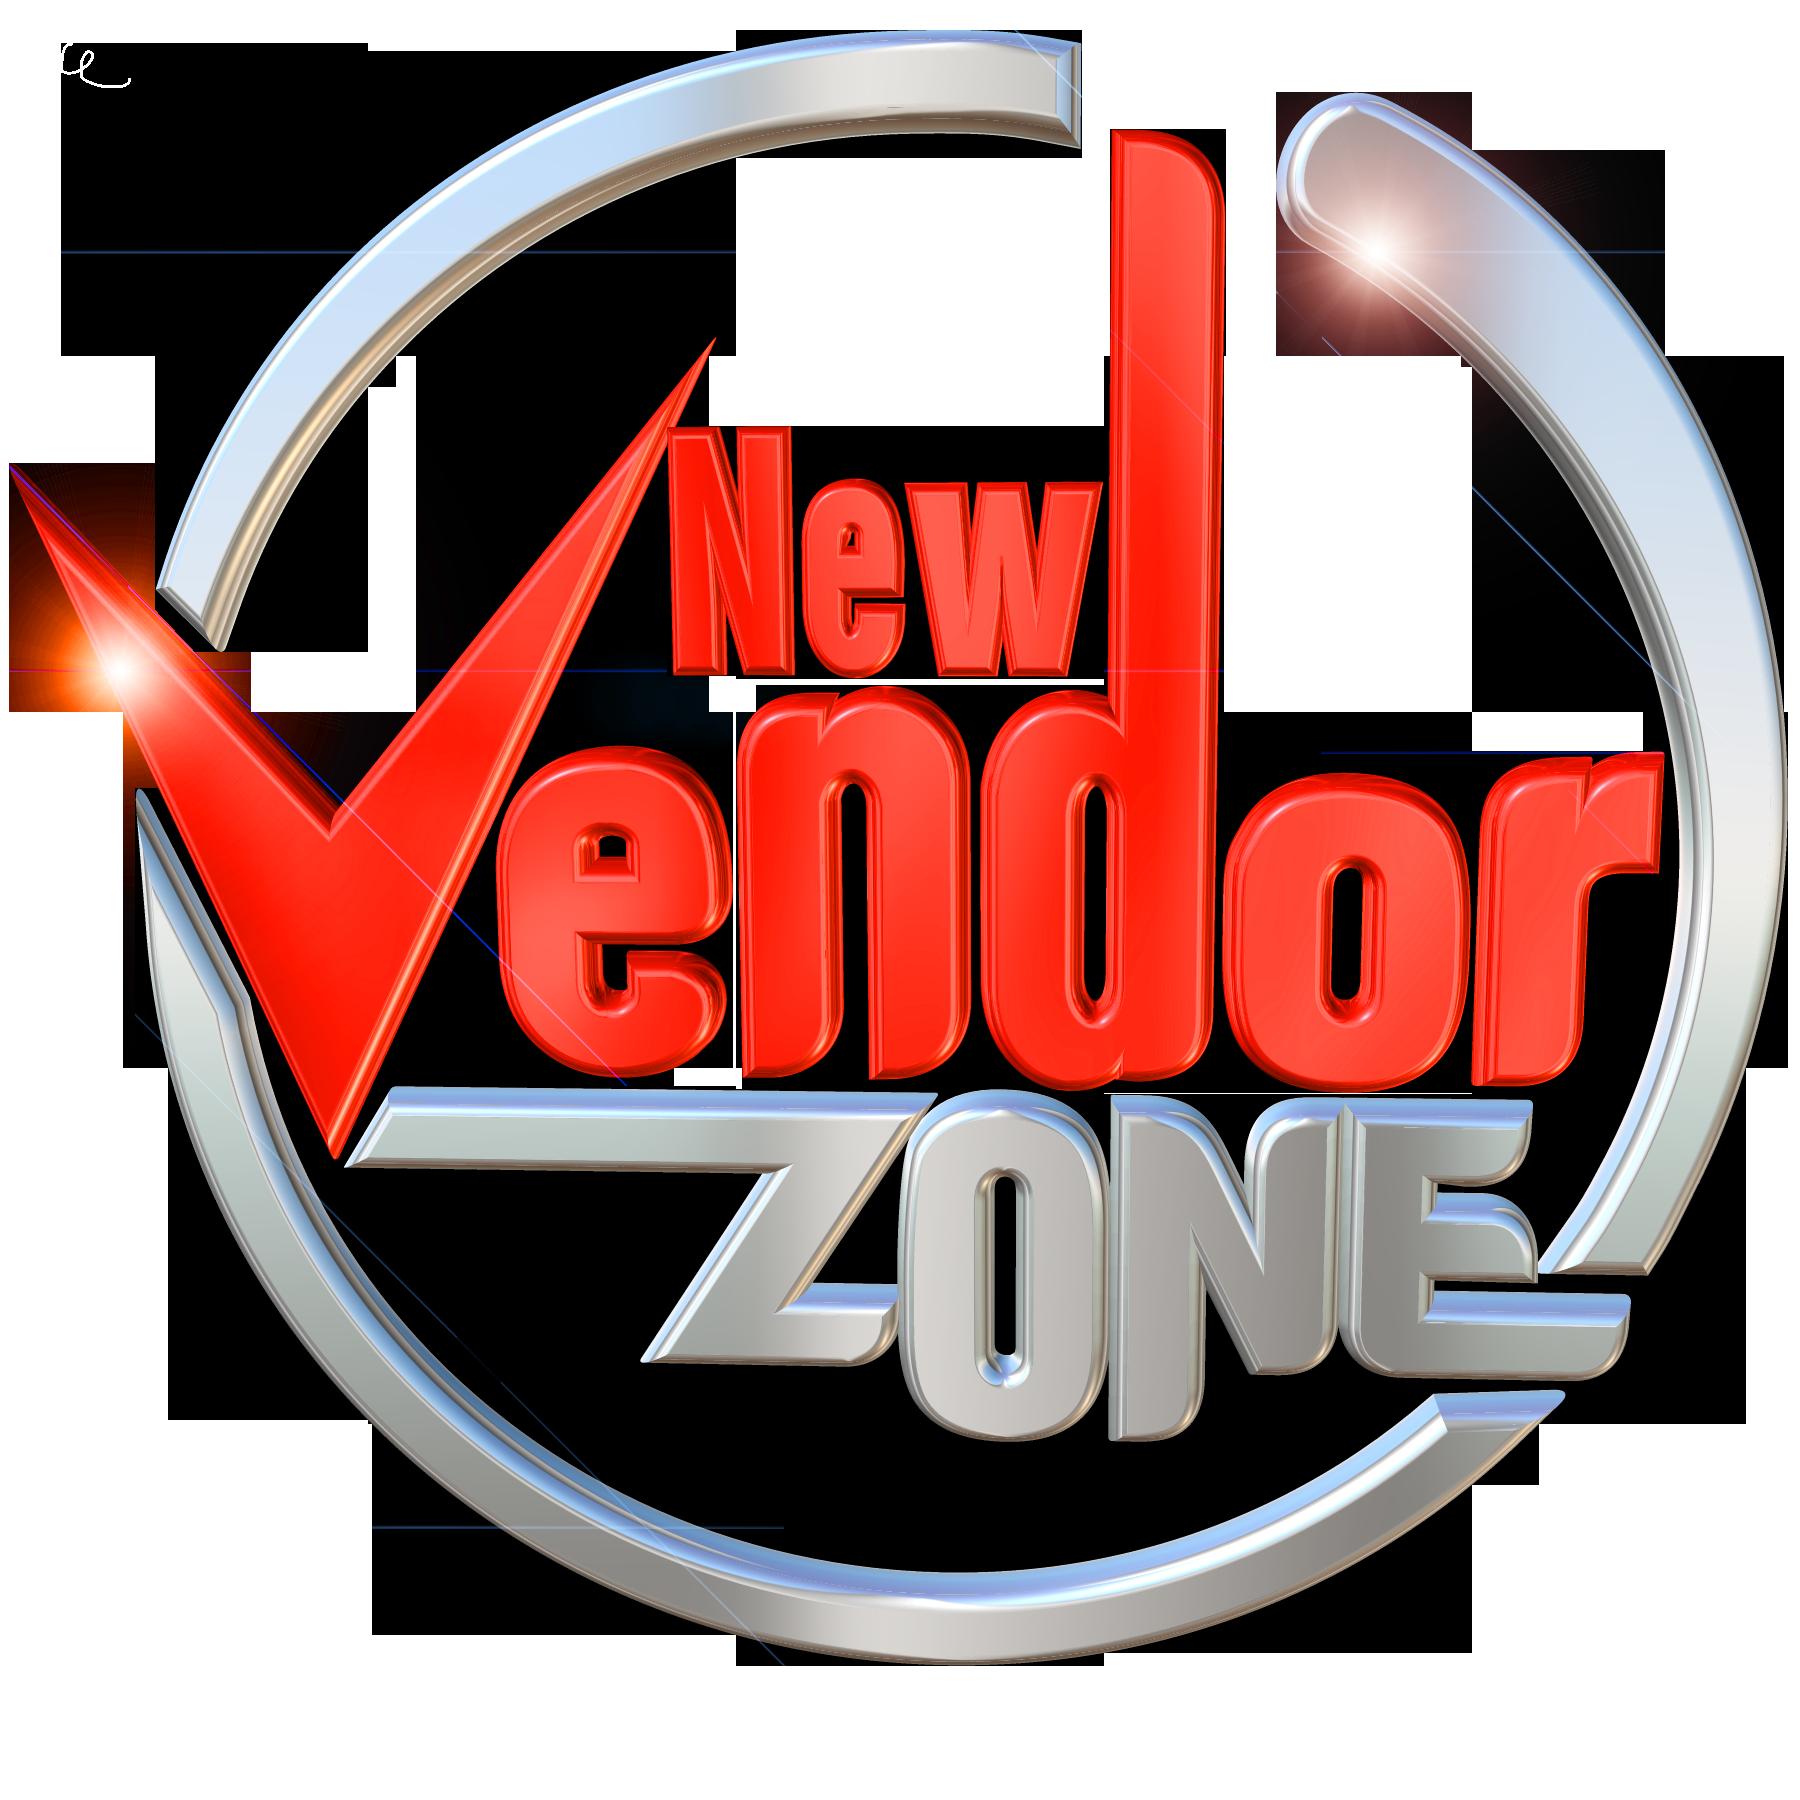 MB Nationals Vendor Zone